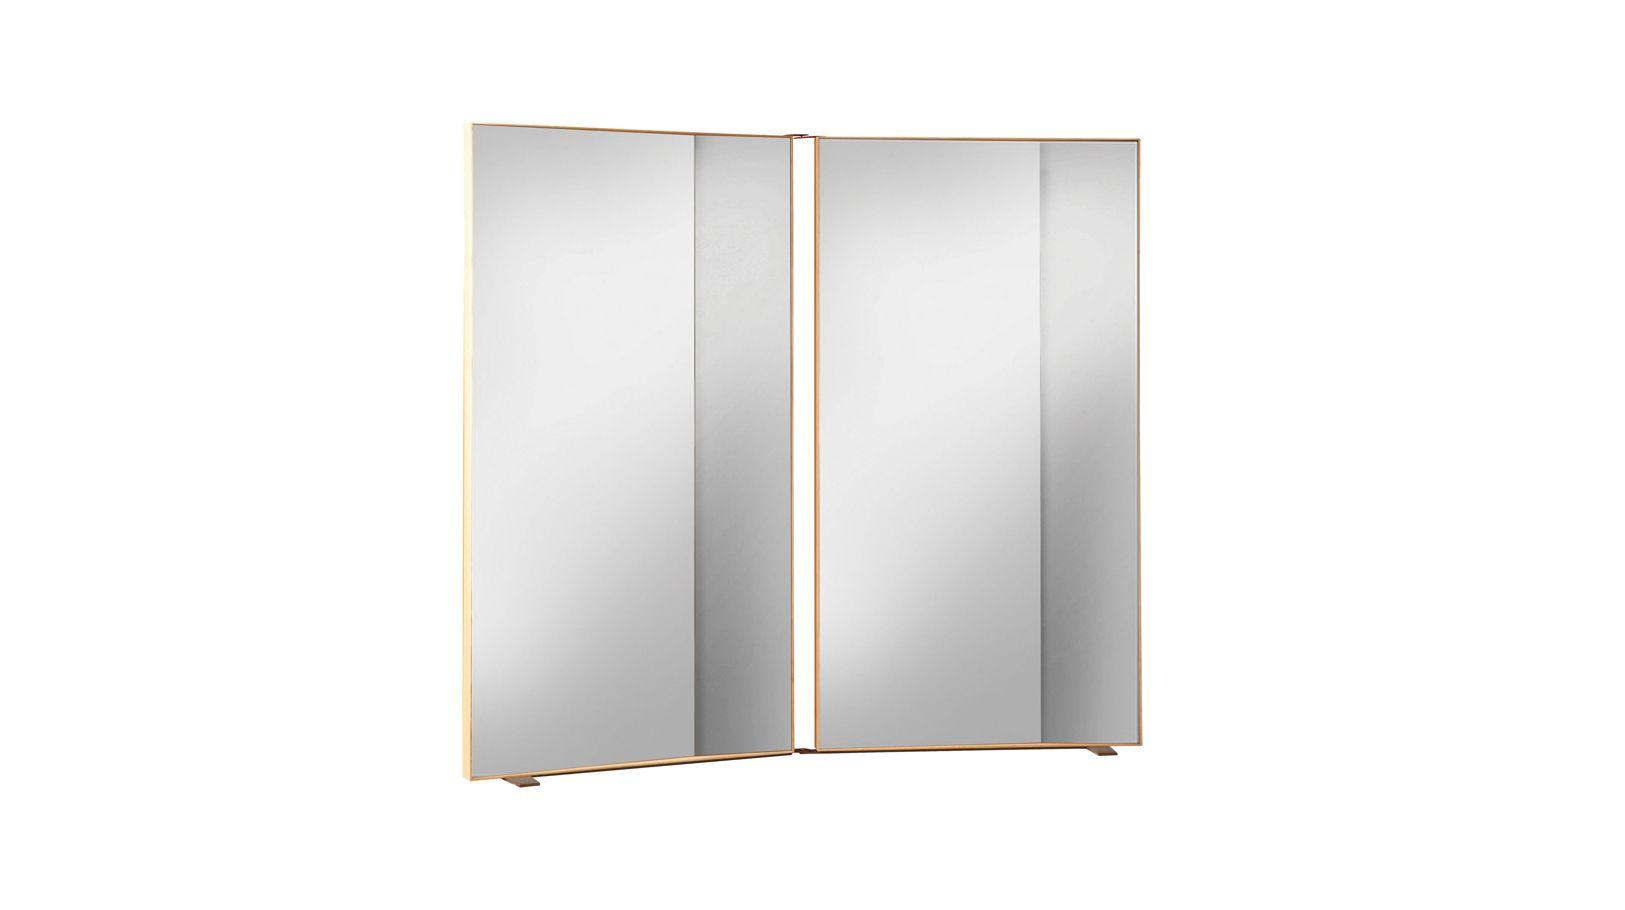 Miroir double angle roche bobois for Miroir design roche bobois